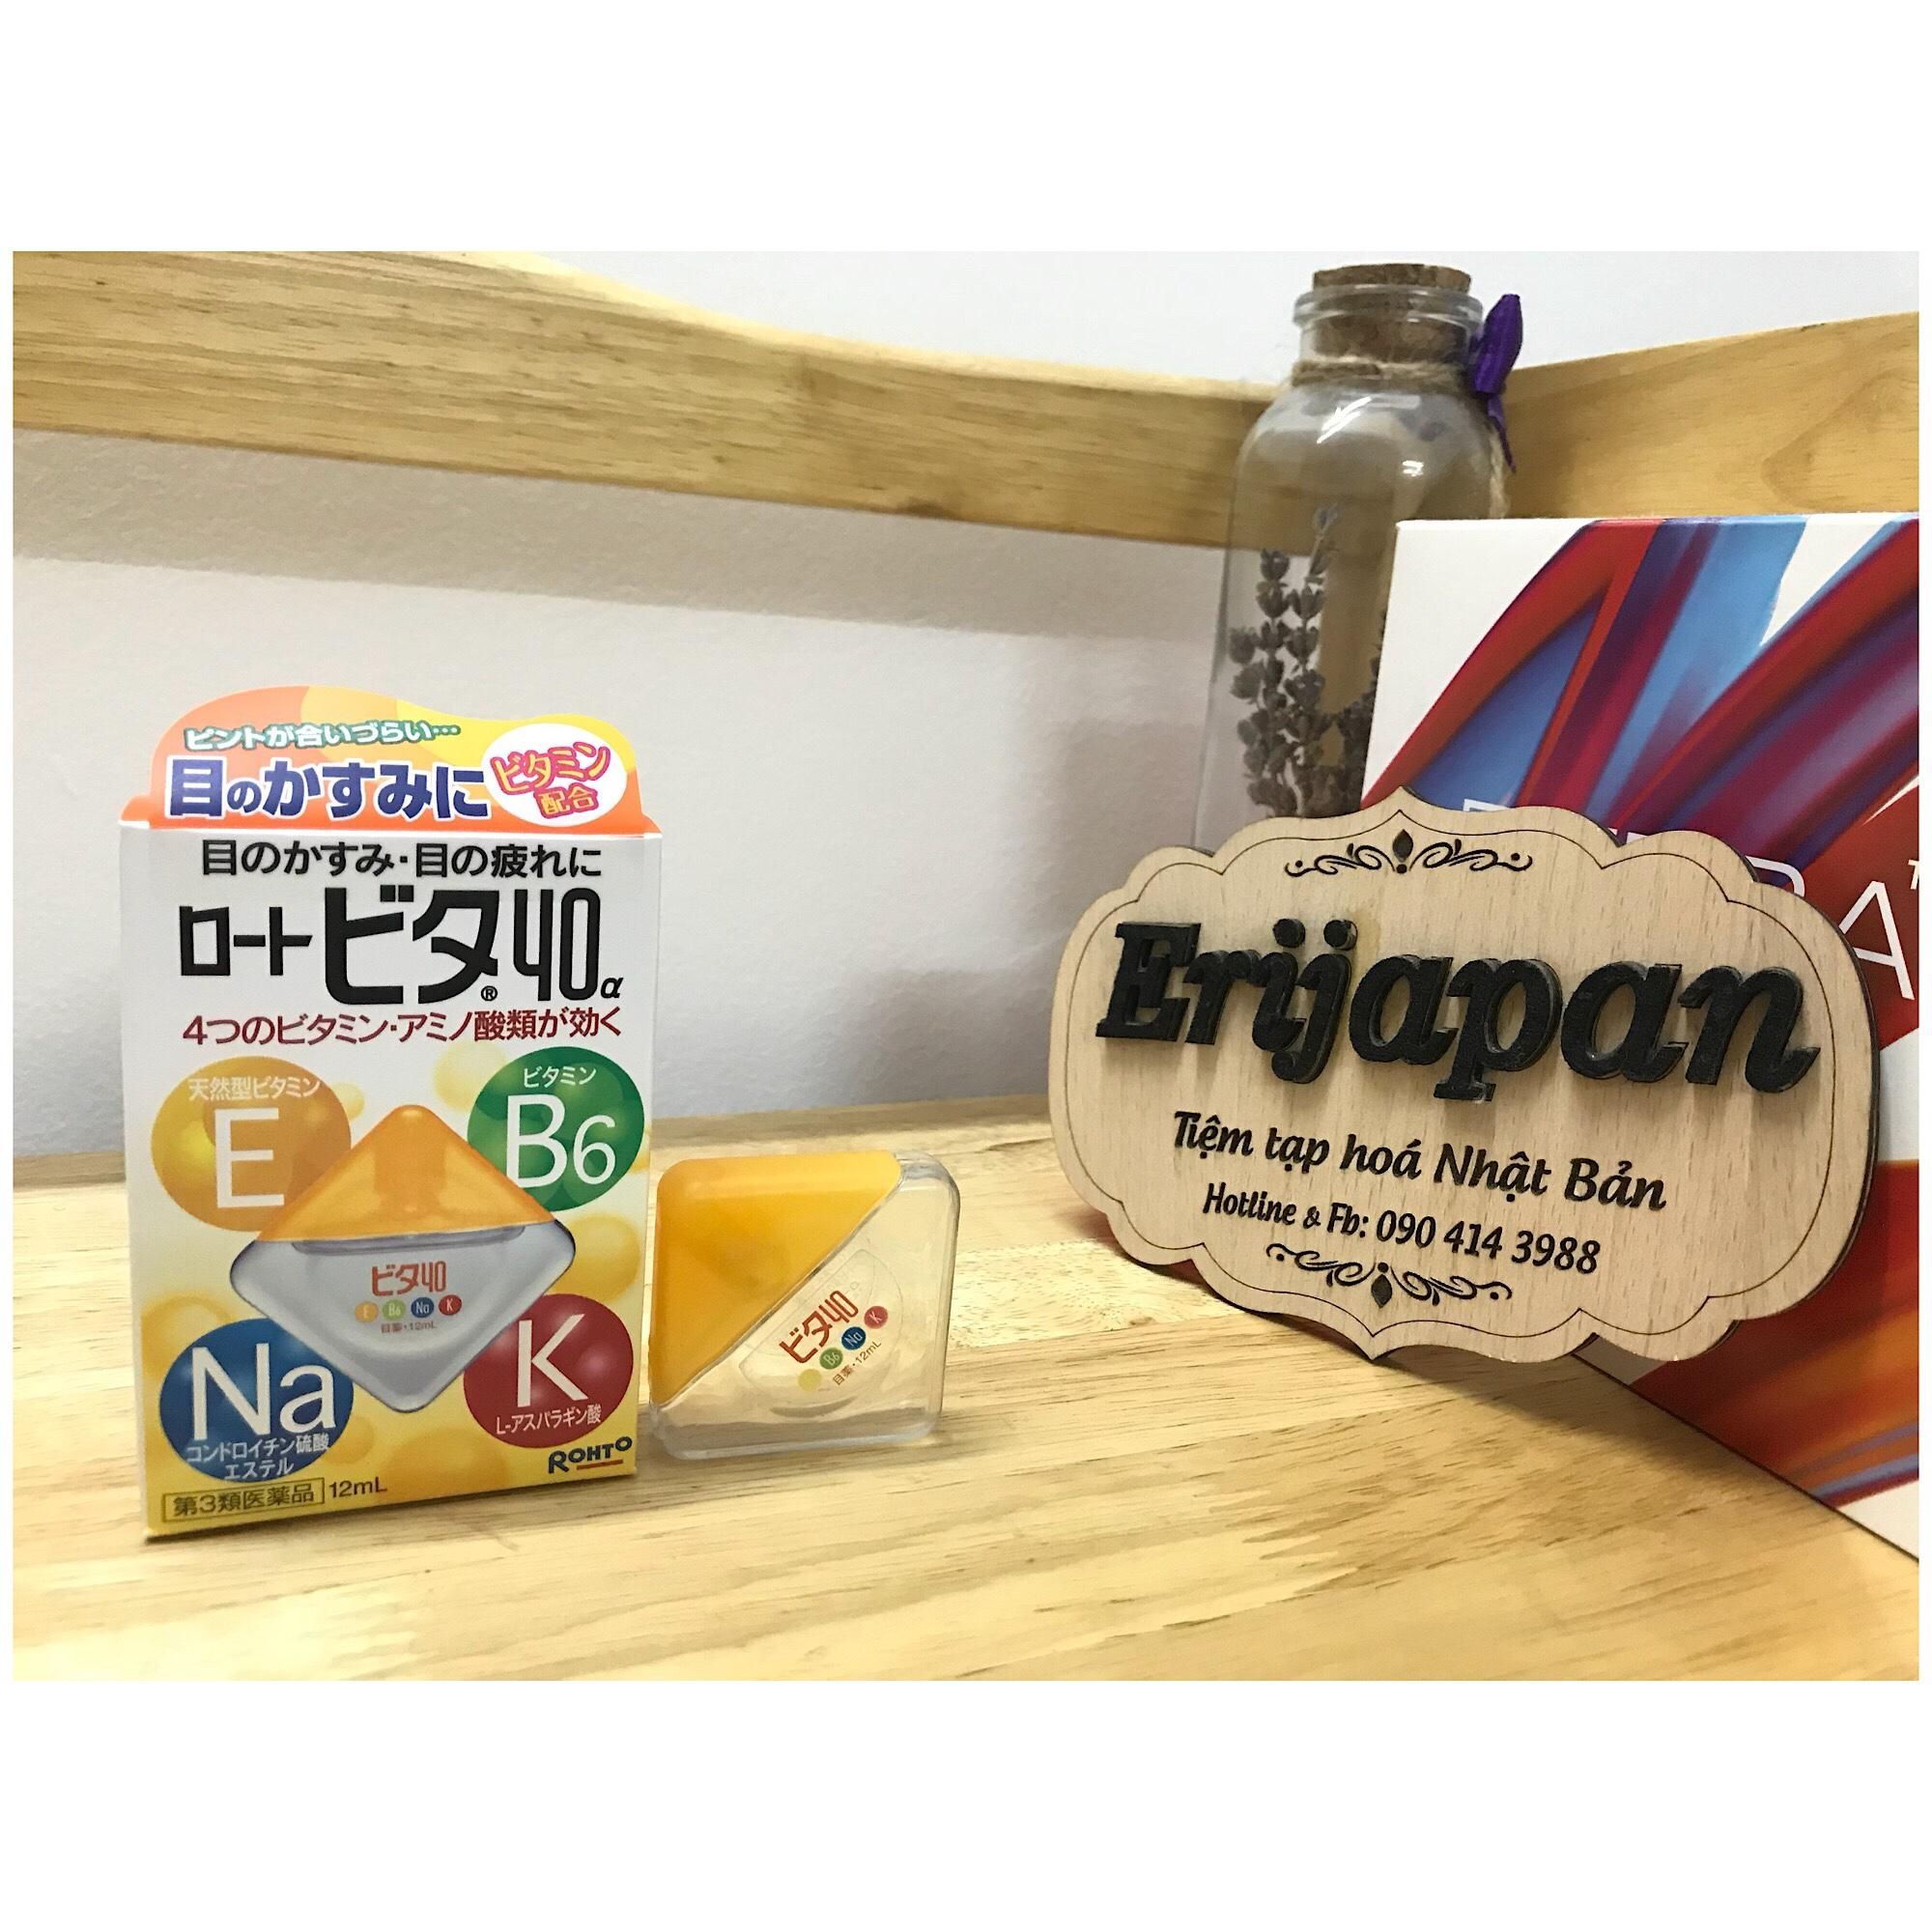 Nhỏ mắt Rohto Nhật Bản 12ml màu vàng